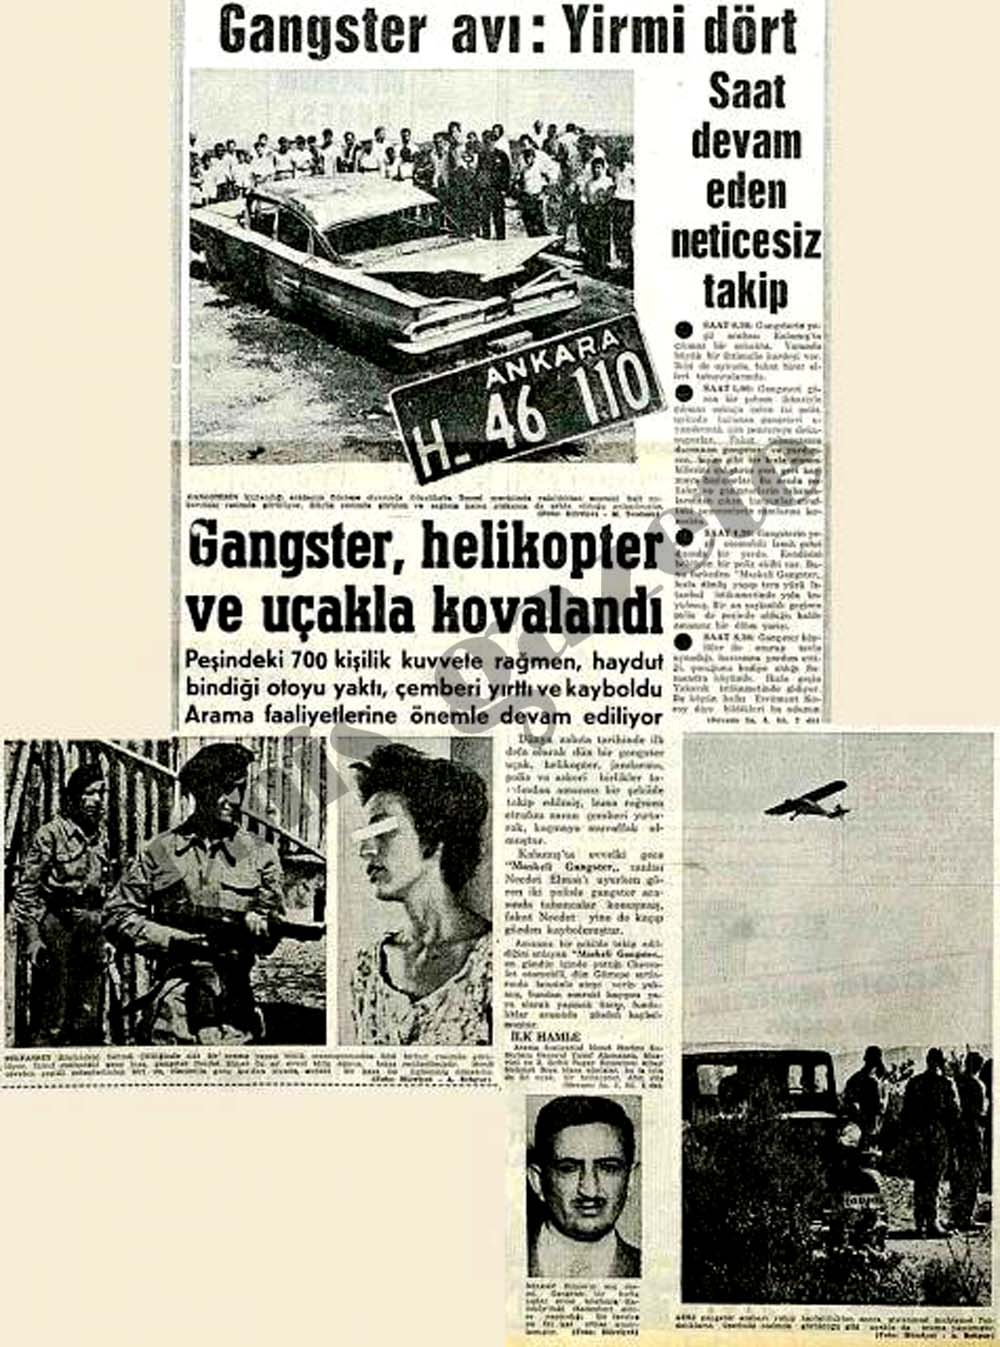 Dünya zabıta tarihinde ilk defa gangster, helikopter ve uçakla kovalandı